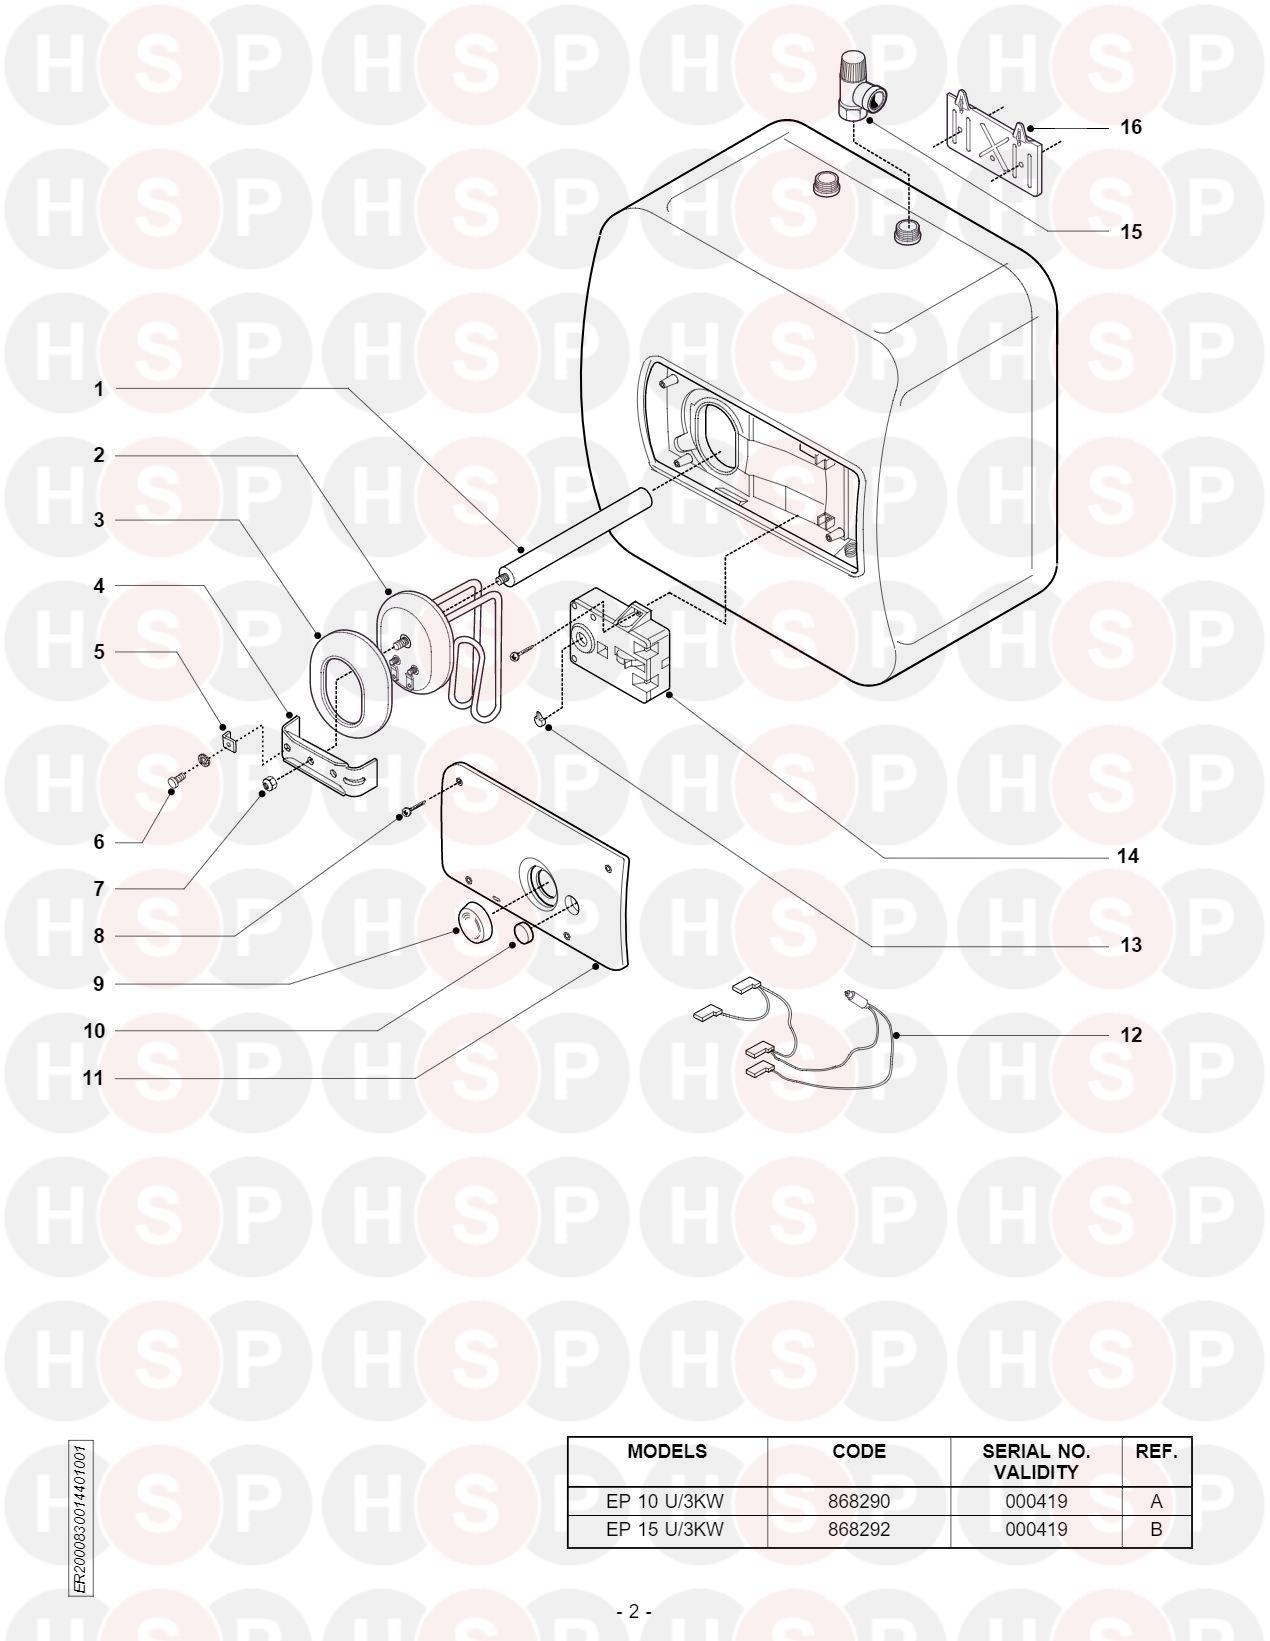 Ariston EUROPRISMA EP 15 U/3kw (EXPLODED VIEW)Diagram